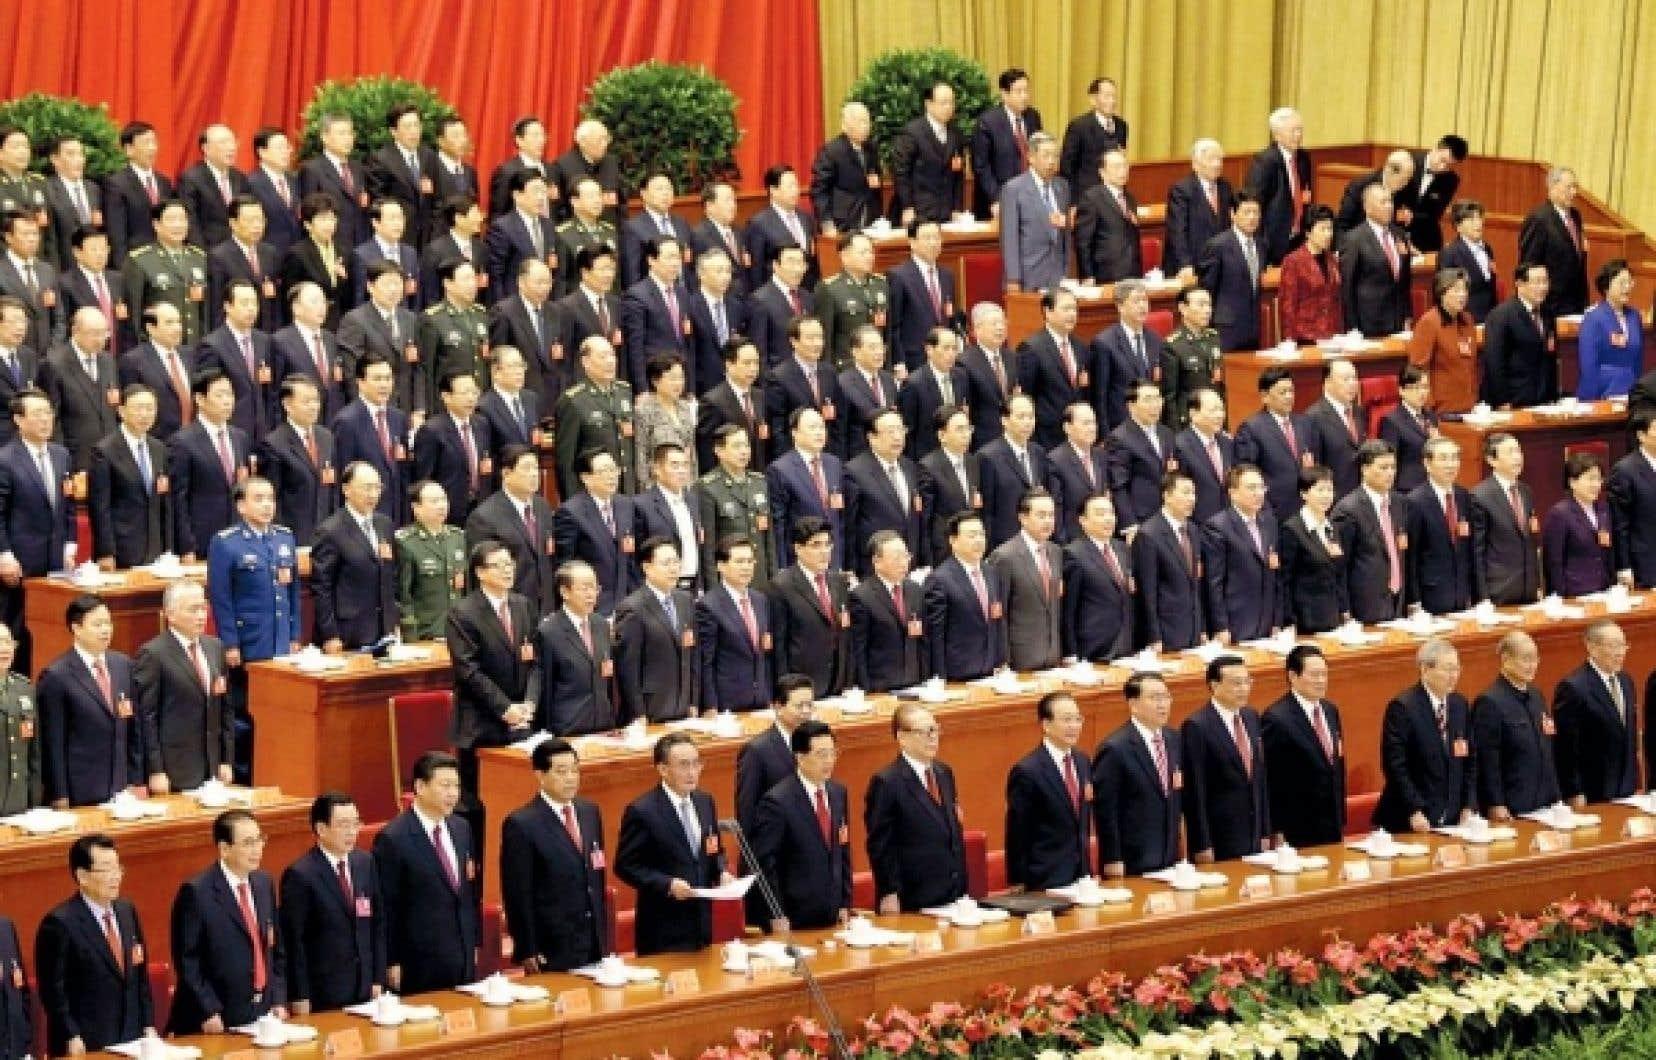 Quelque 2270 délégués participent au 18e congrès du Parti communiste chinois.